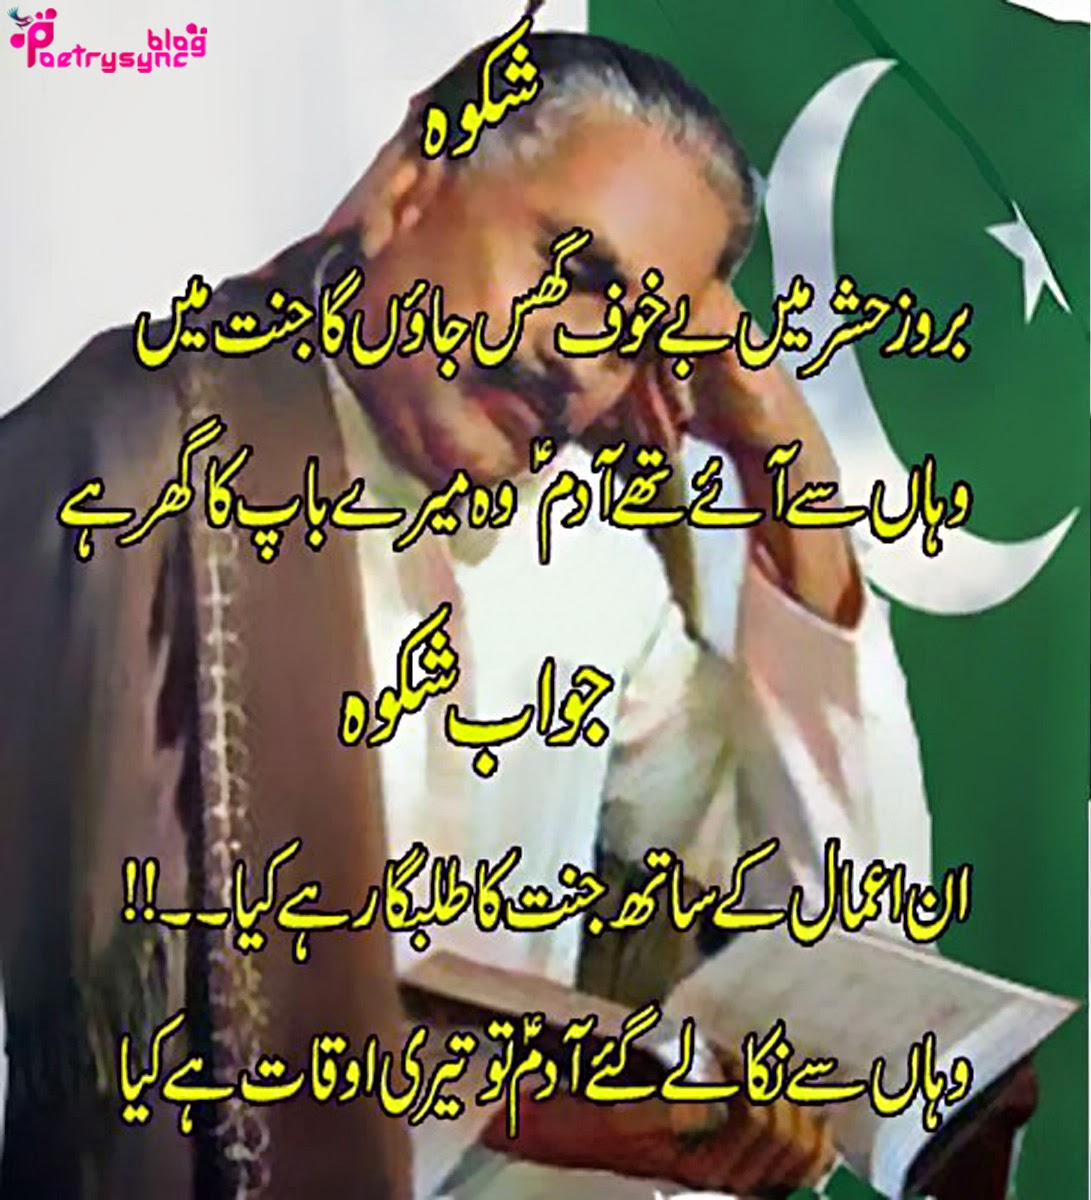 Iqbal Urdu Shayari Images: Iqbal Quotes Urdu. QuotesGram